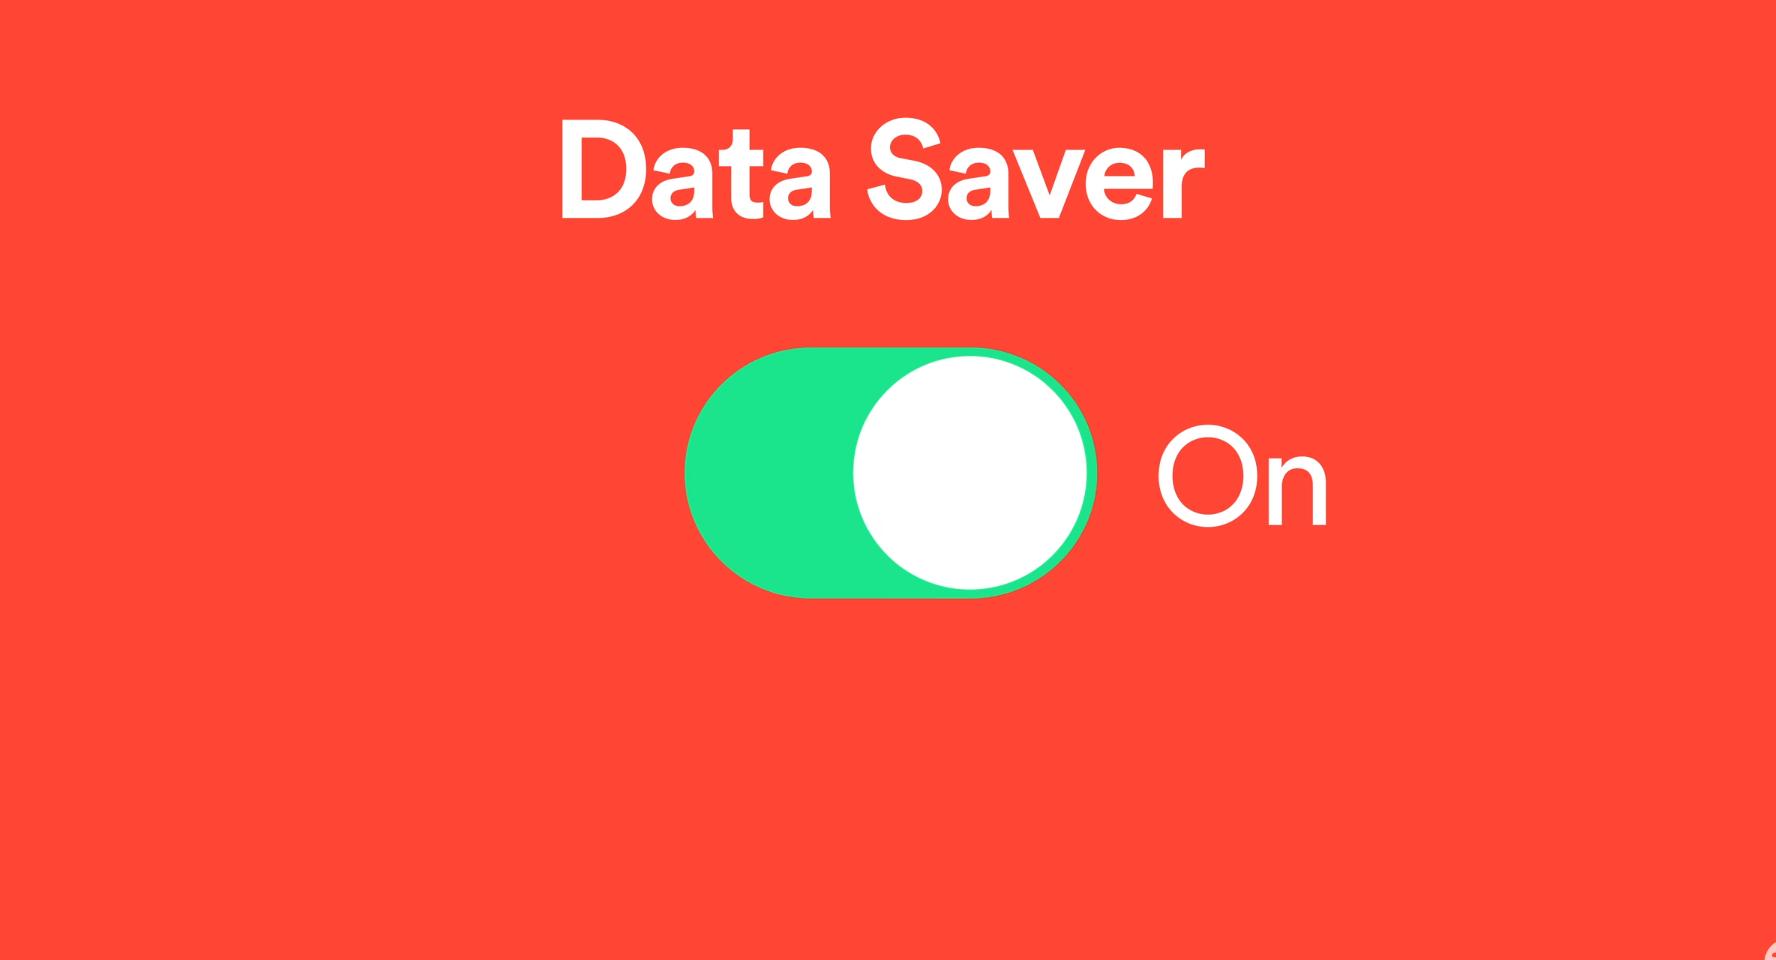 Spotify: nova versão gratuita chegará em breve; confira todas as mudanças. Usa spotify sem uma assinatura premium? Então, hoje é seu dia de sorte, já que o serviço de streaming anunciou grandes novidades para a versão gratuita do aplicativo.